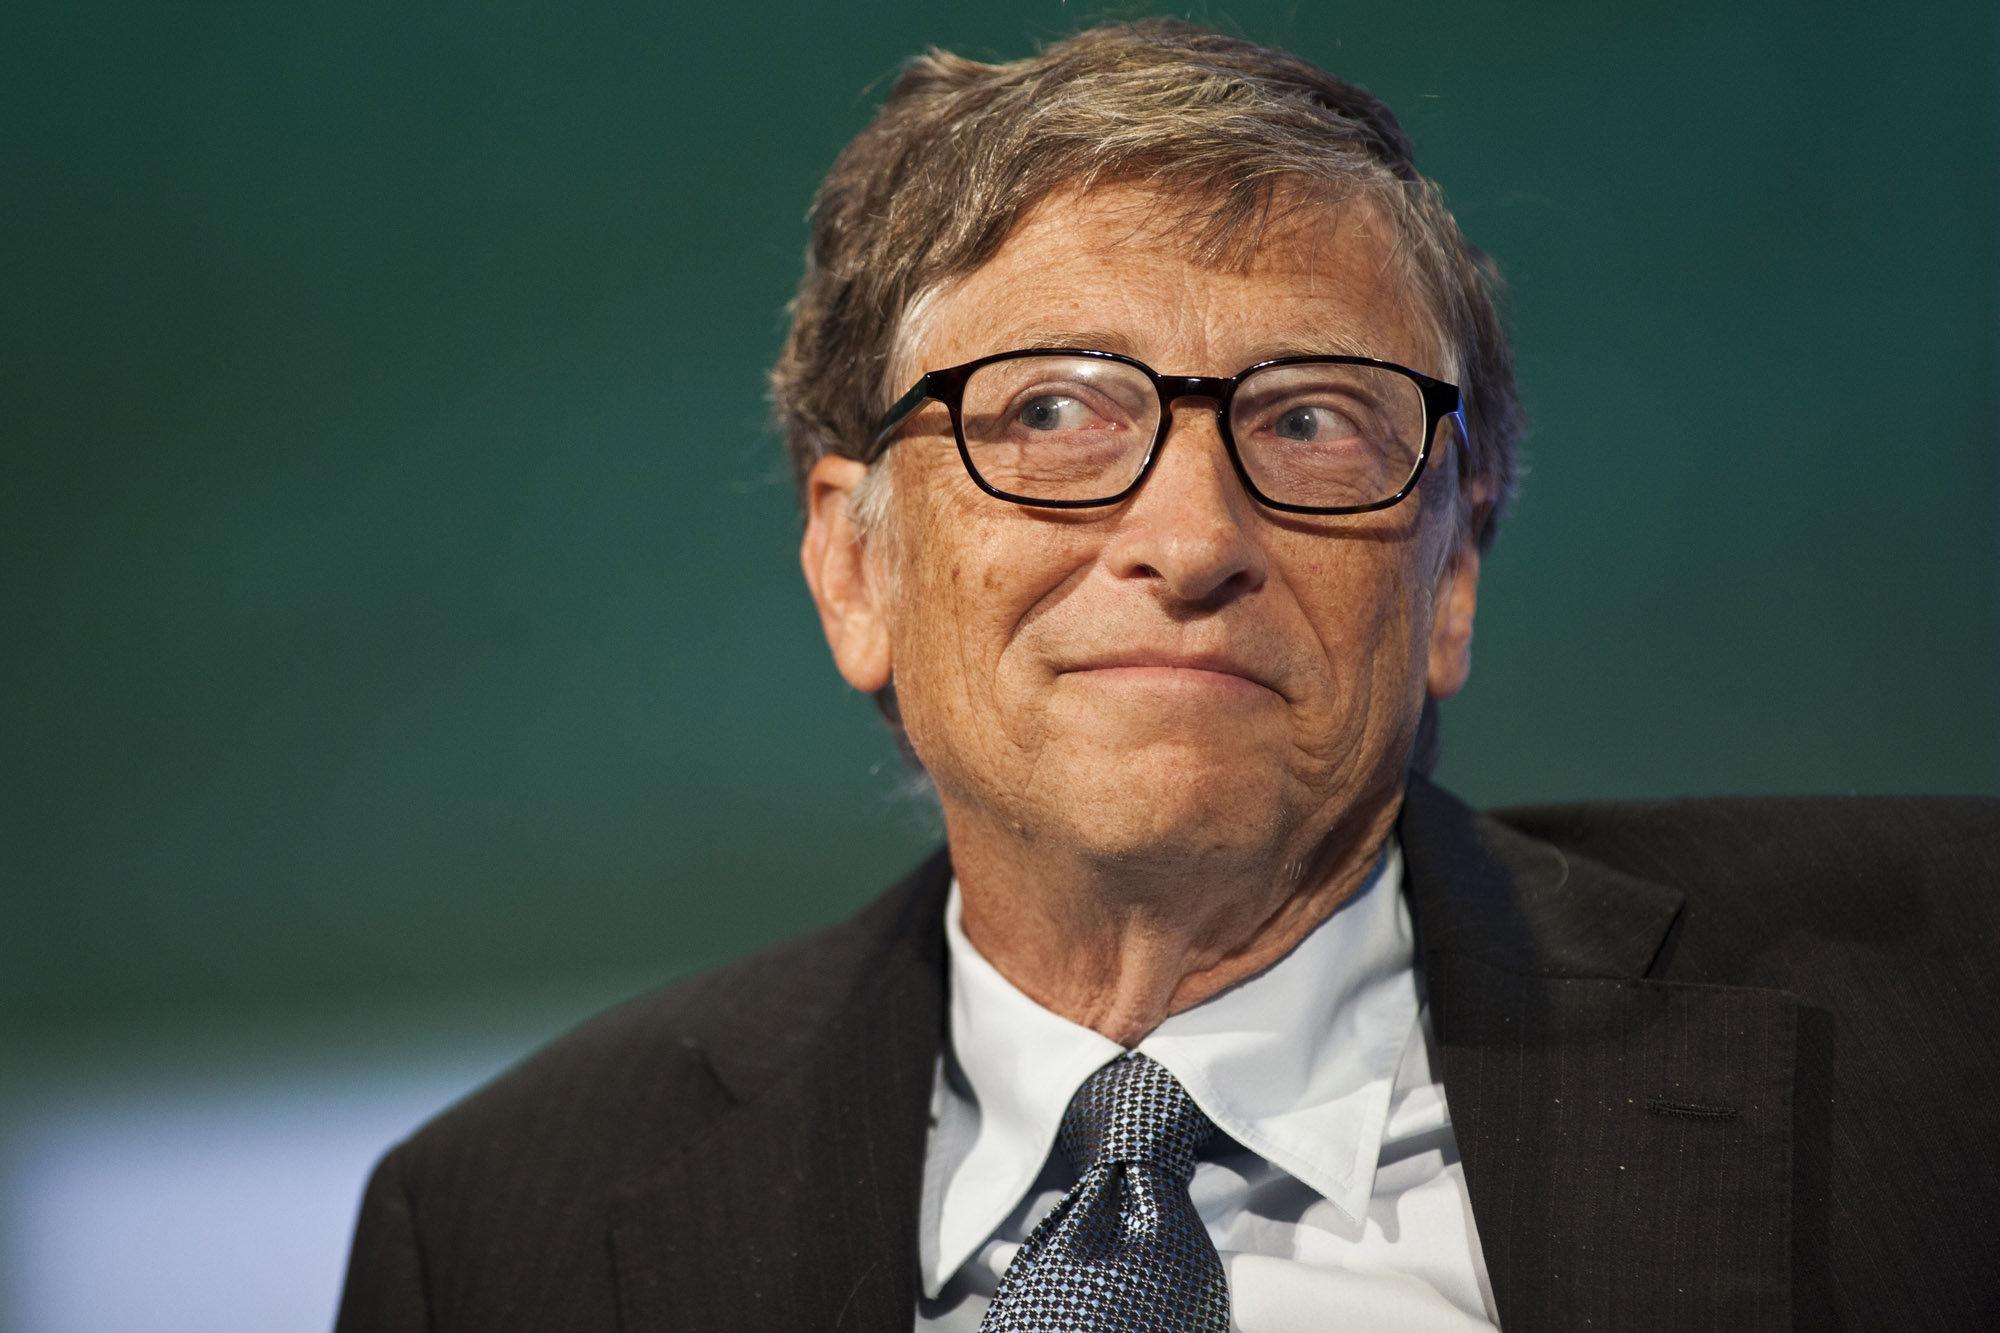 Dall'imperatore Augusto a Bill Gates, i 10 più ricchi di tutti i tempi